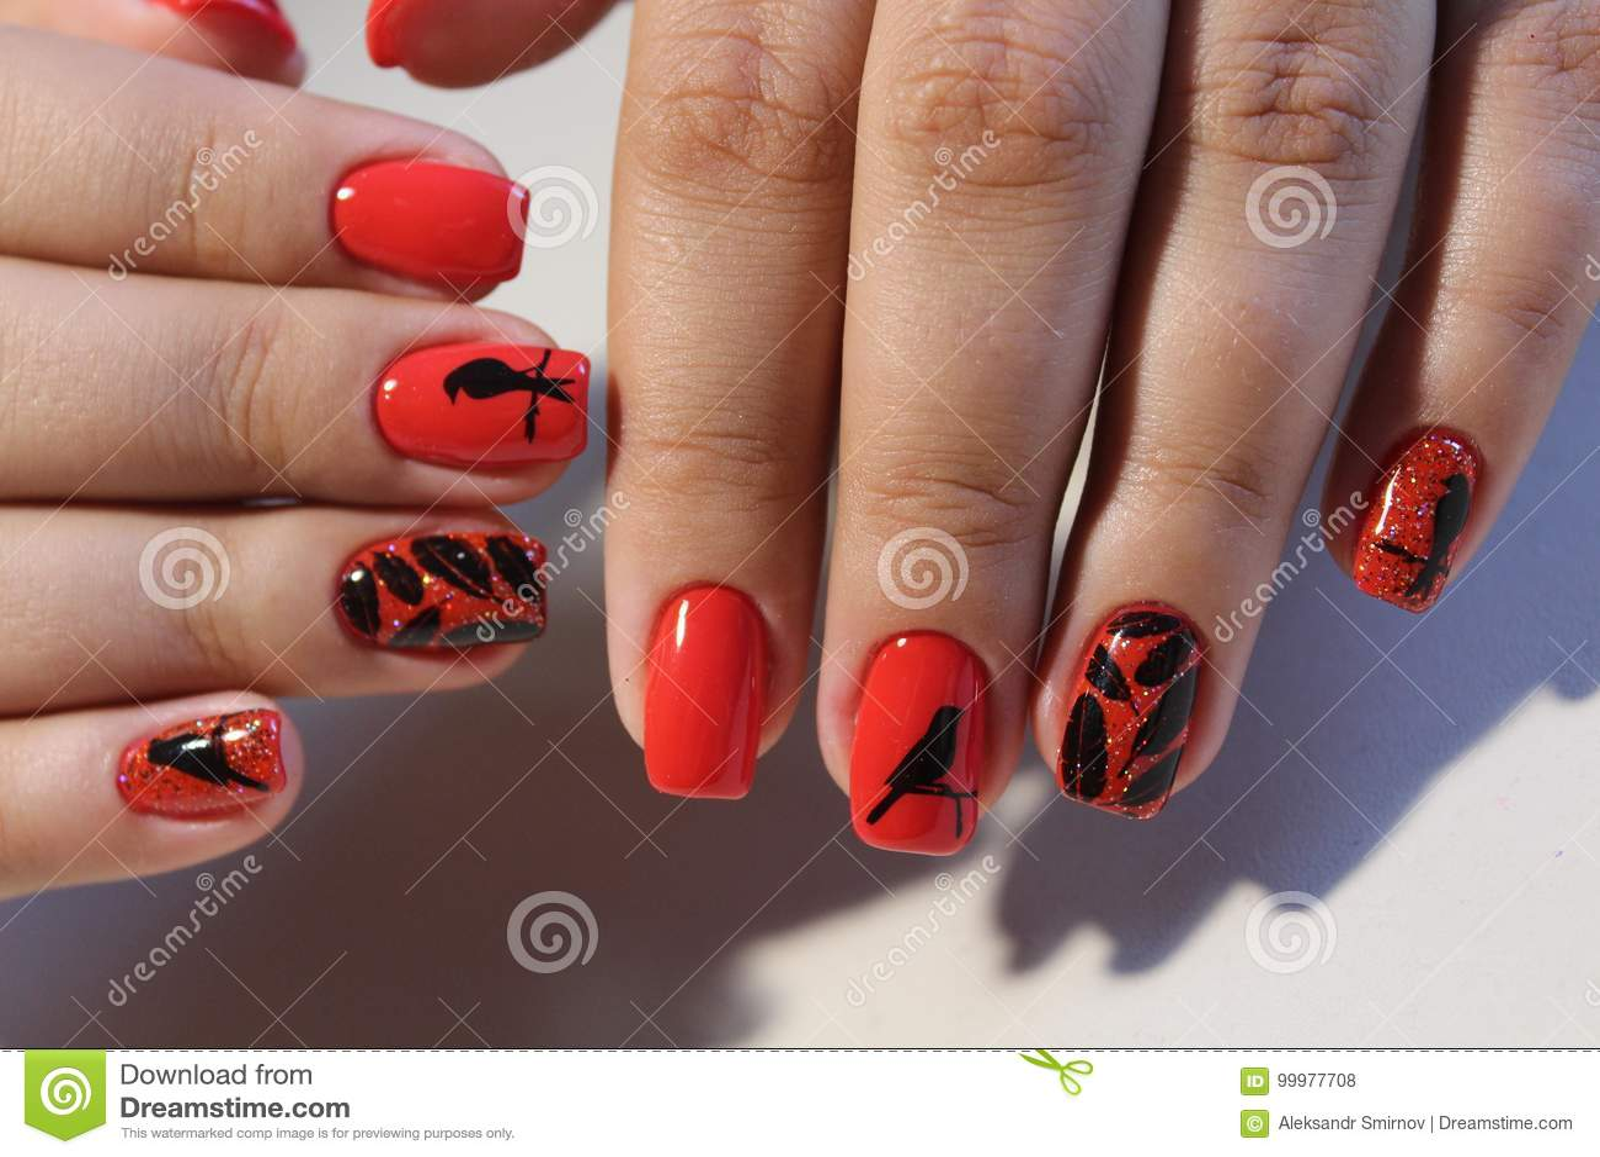 Erstaunlich Nägel Muster Referenz Von Pattern Rote Nägel Des Maniküredesigns Mit Stockfoto